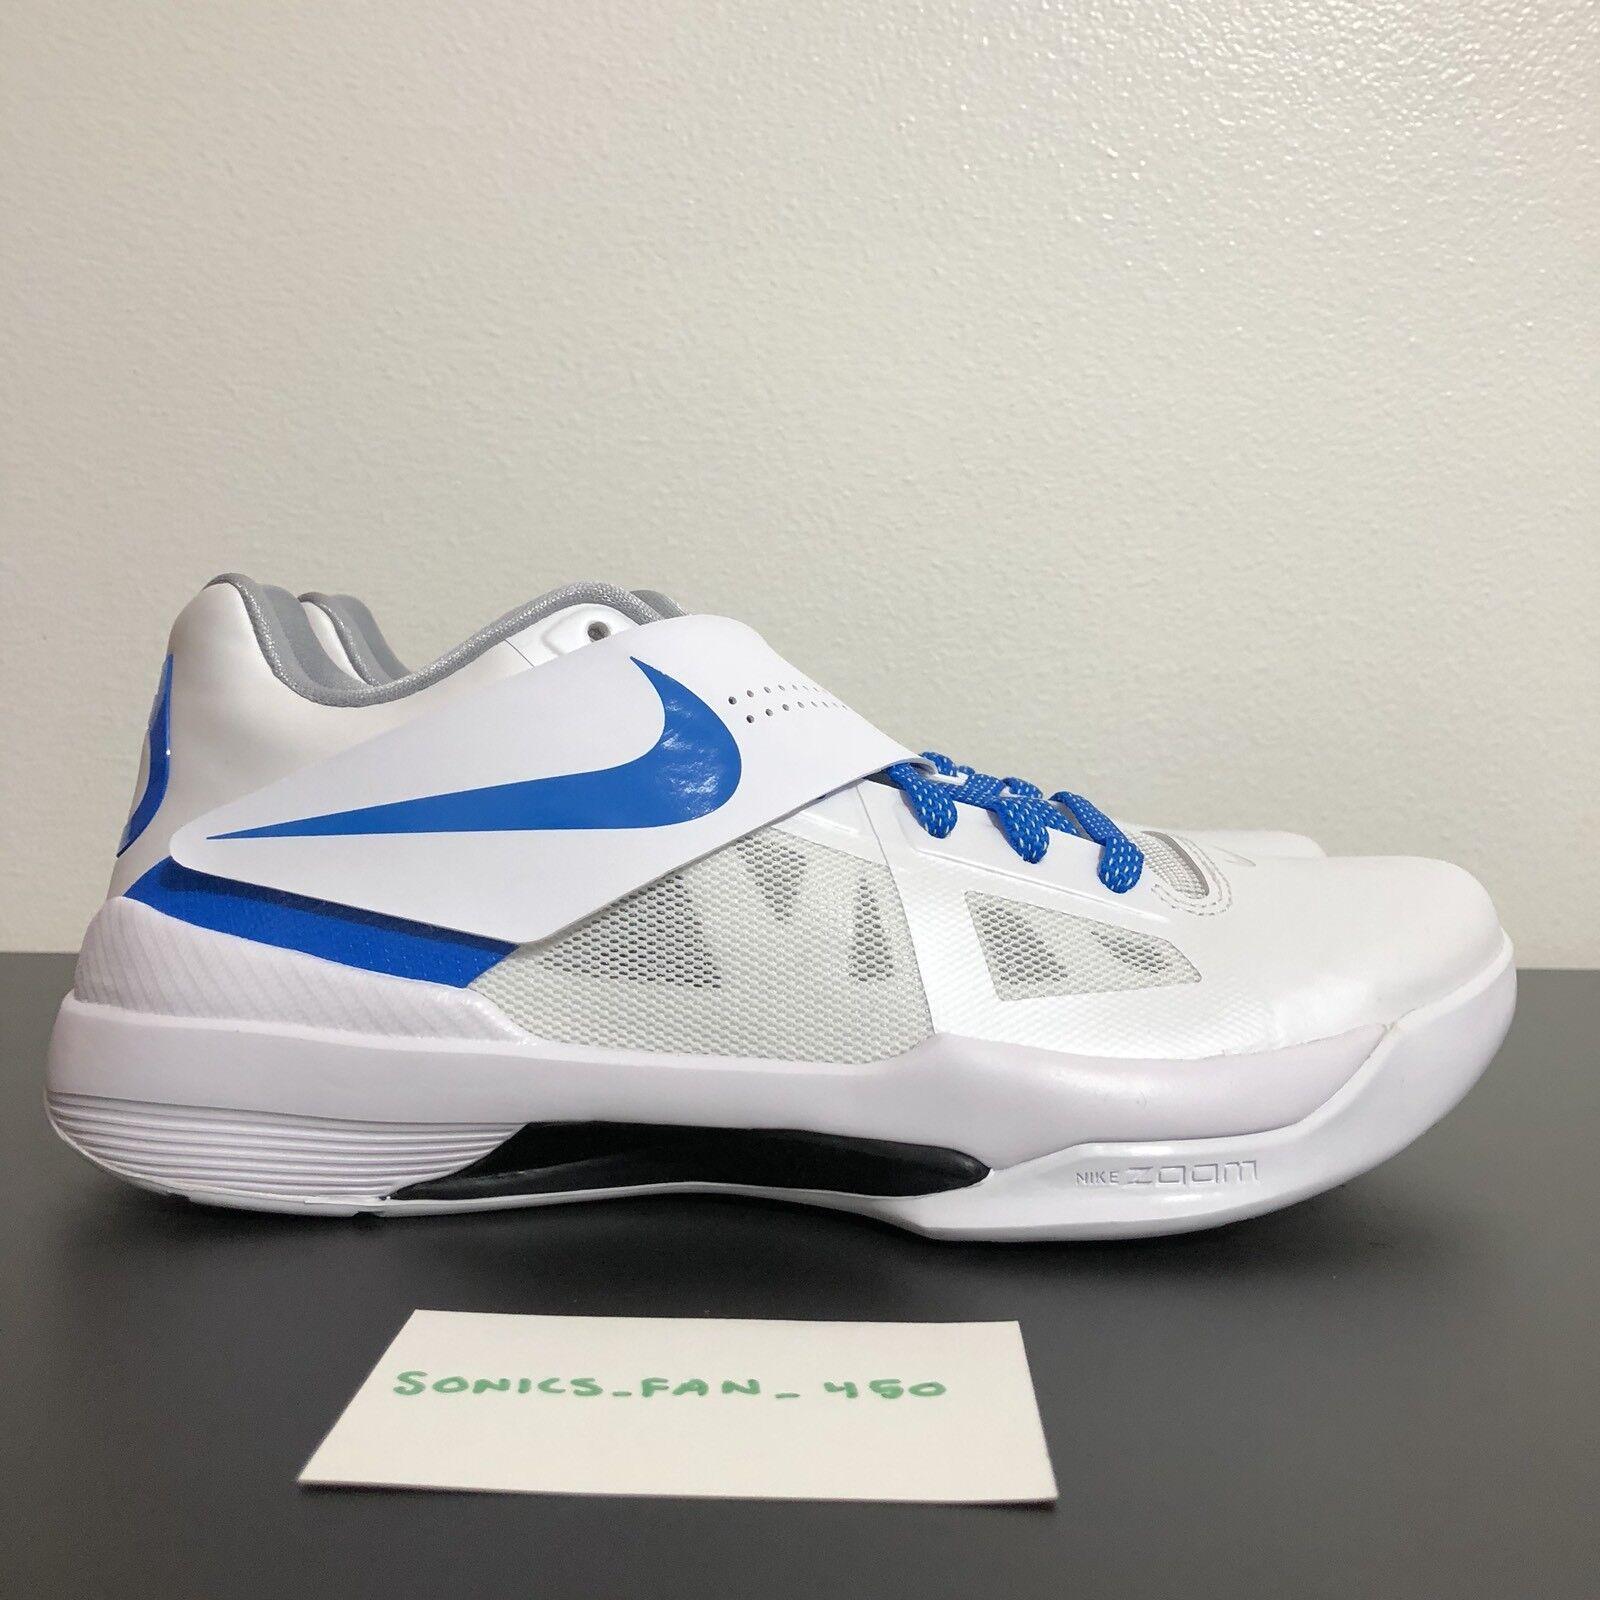 Nueva 2018 Nike KD IV 4 Thunderstruck CT16 arte de blanco campeón aq5103 100 azul blanco de c21058